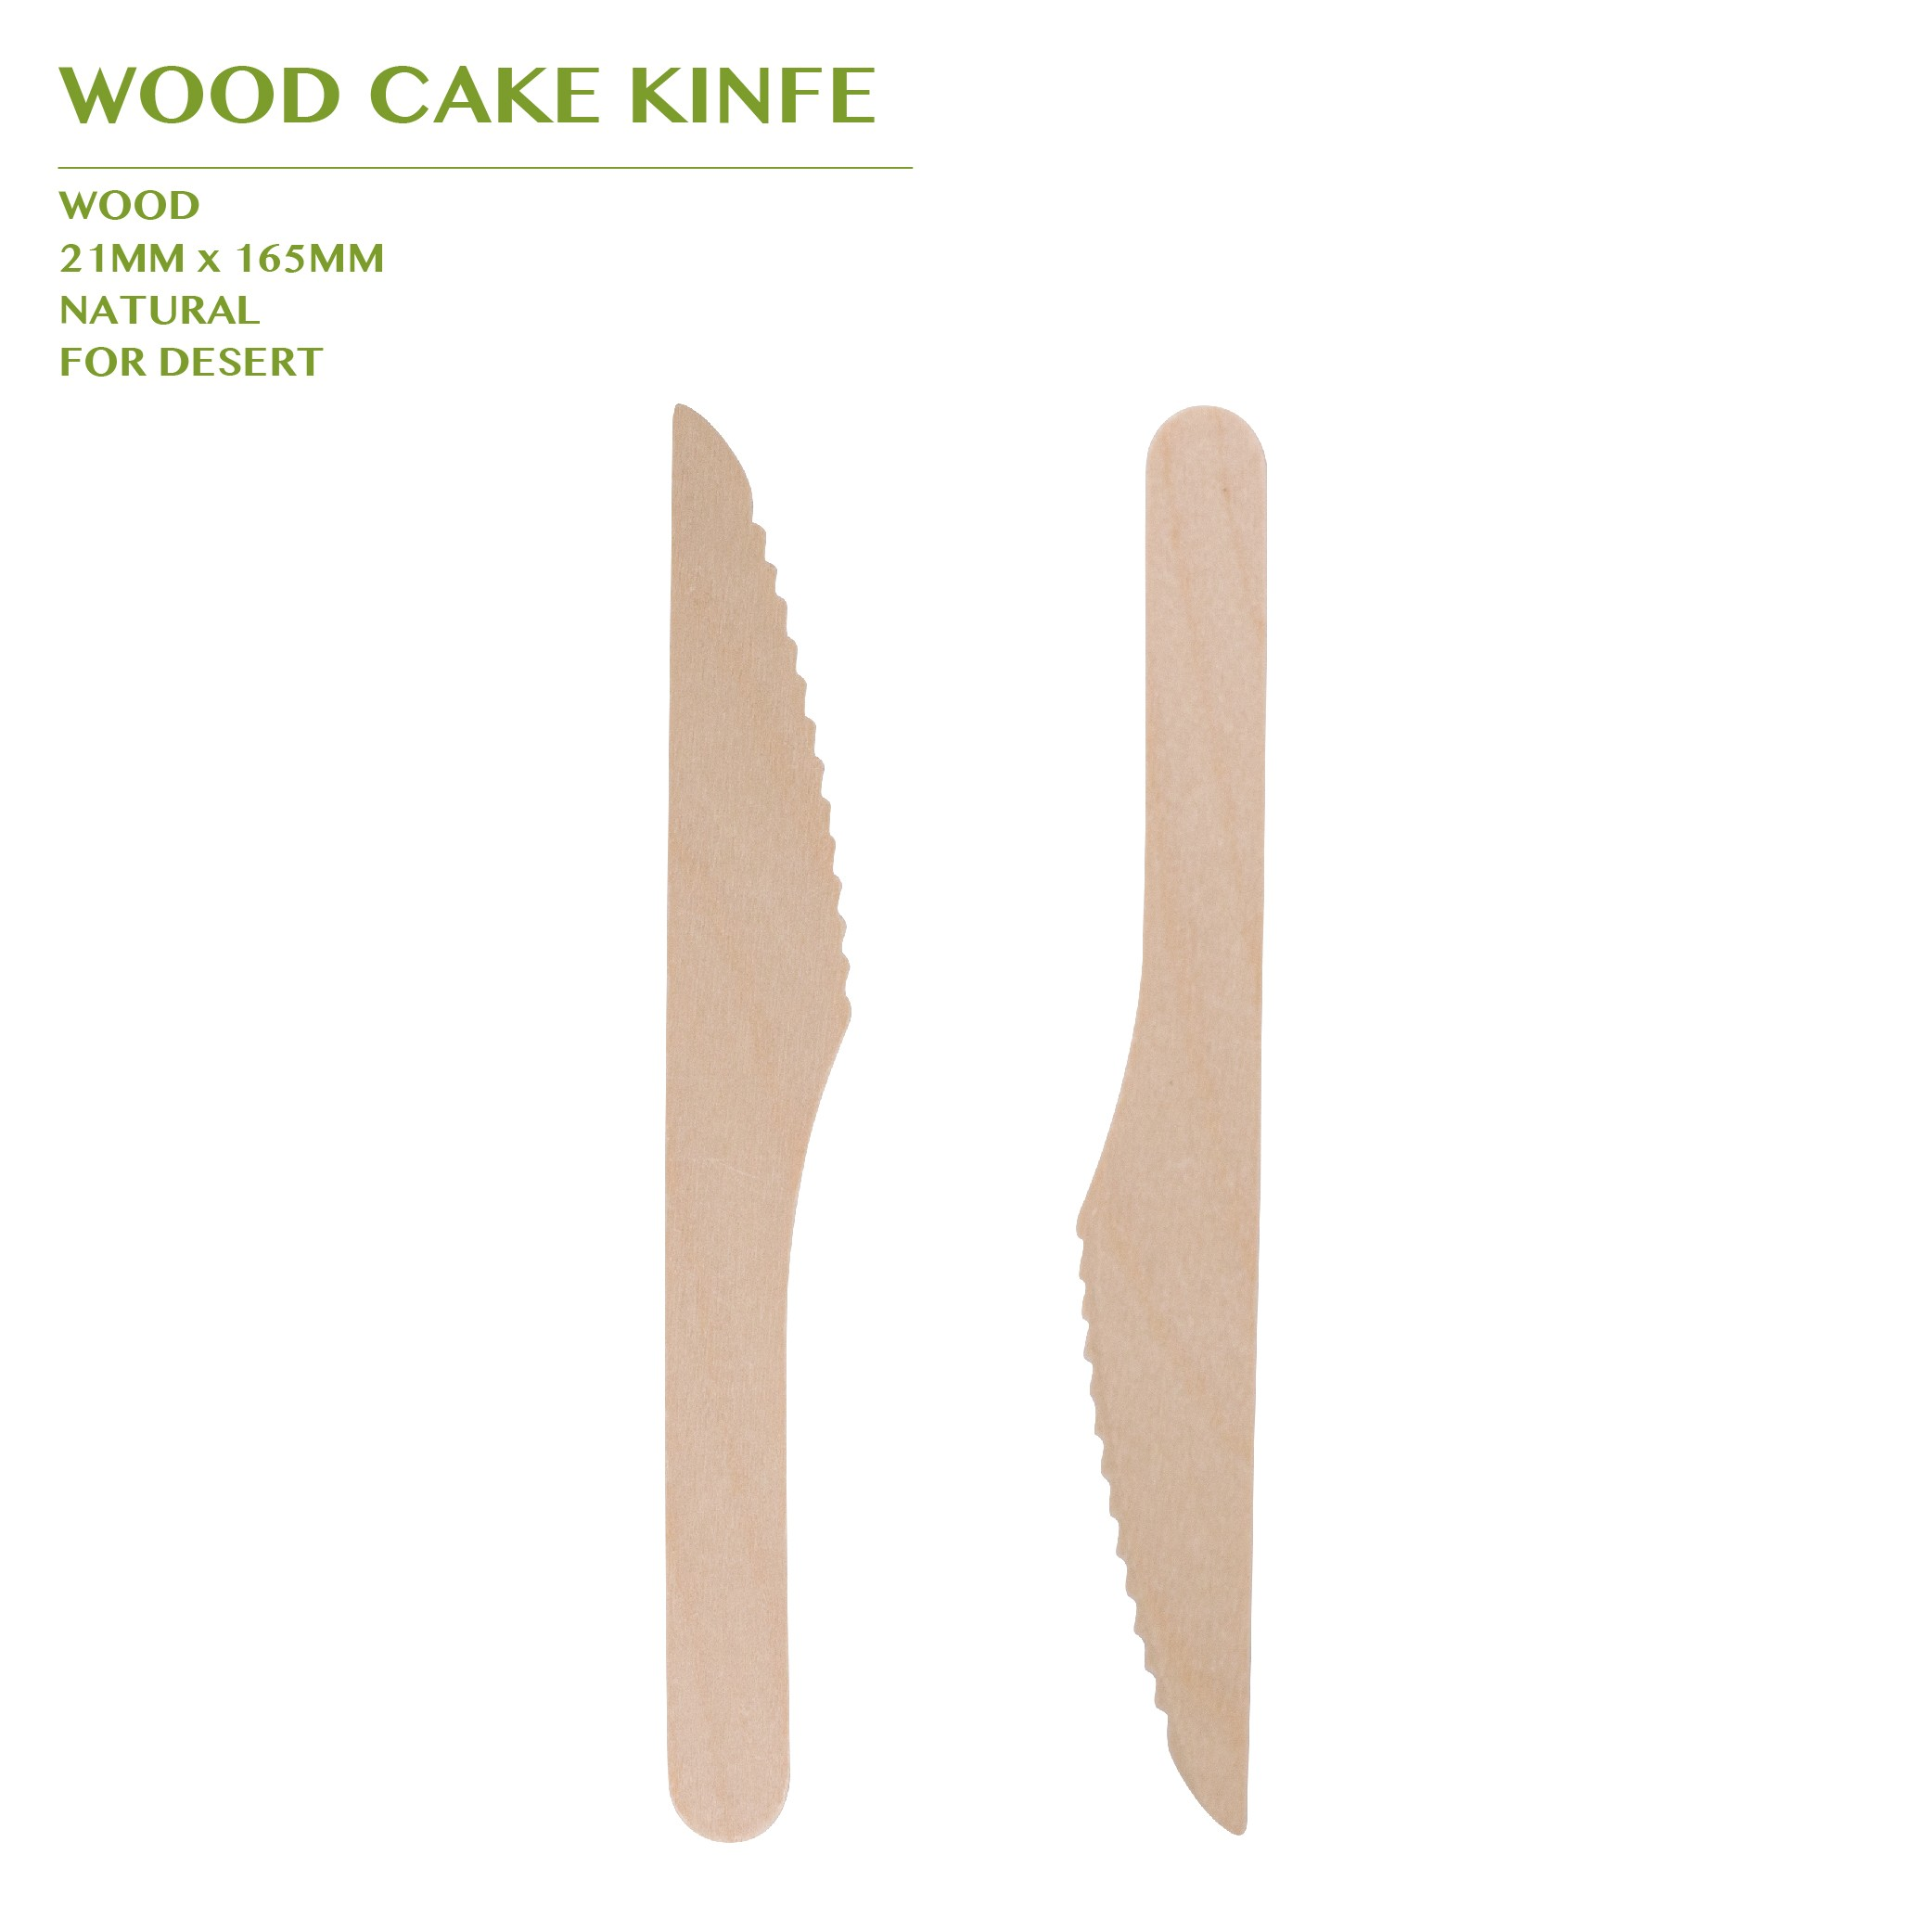 PRE-ORDER WOOD CAKE KINFE